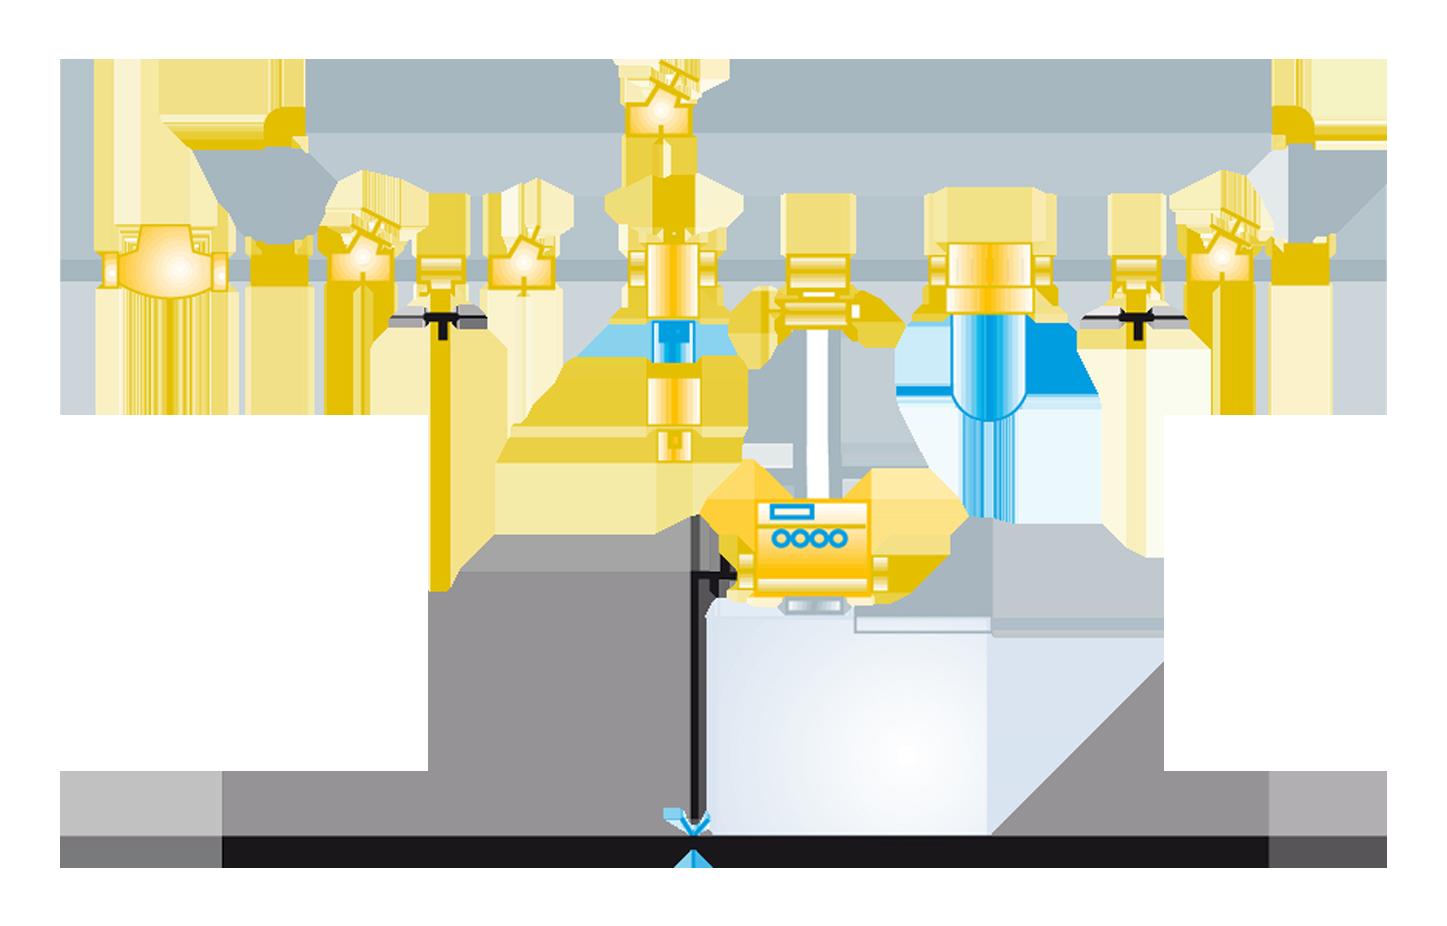 impianti-trattamento-acque-vendita-sali-rimini